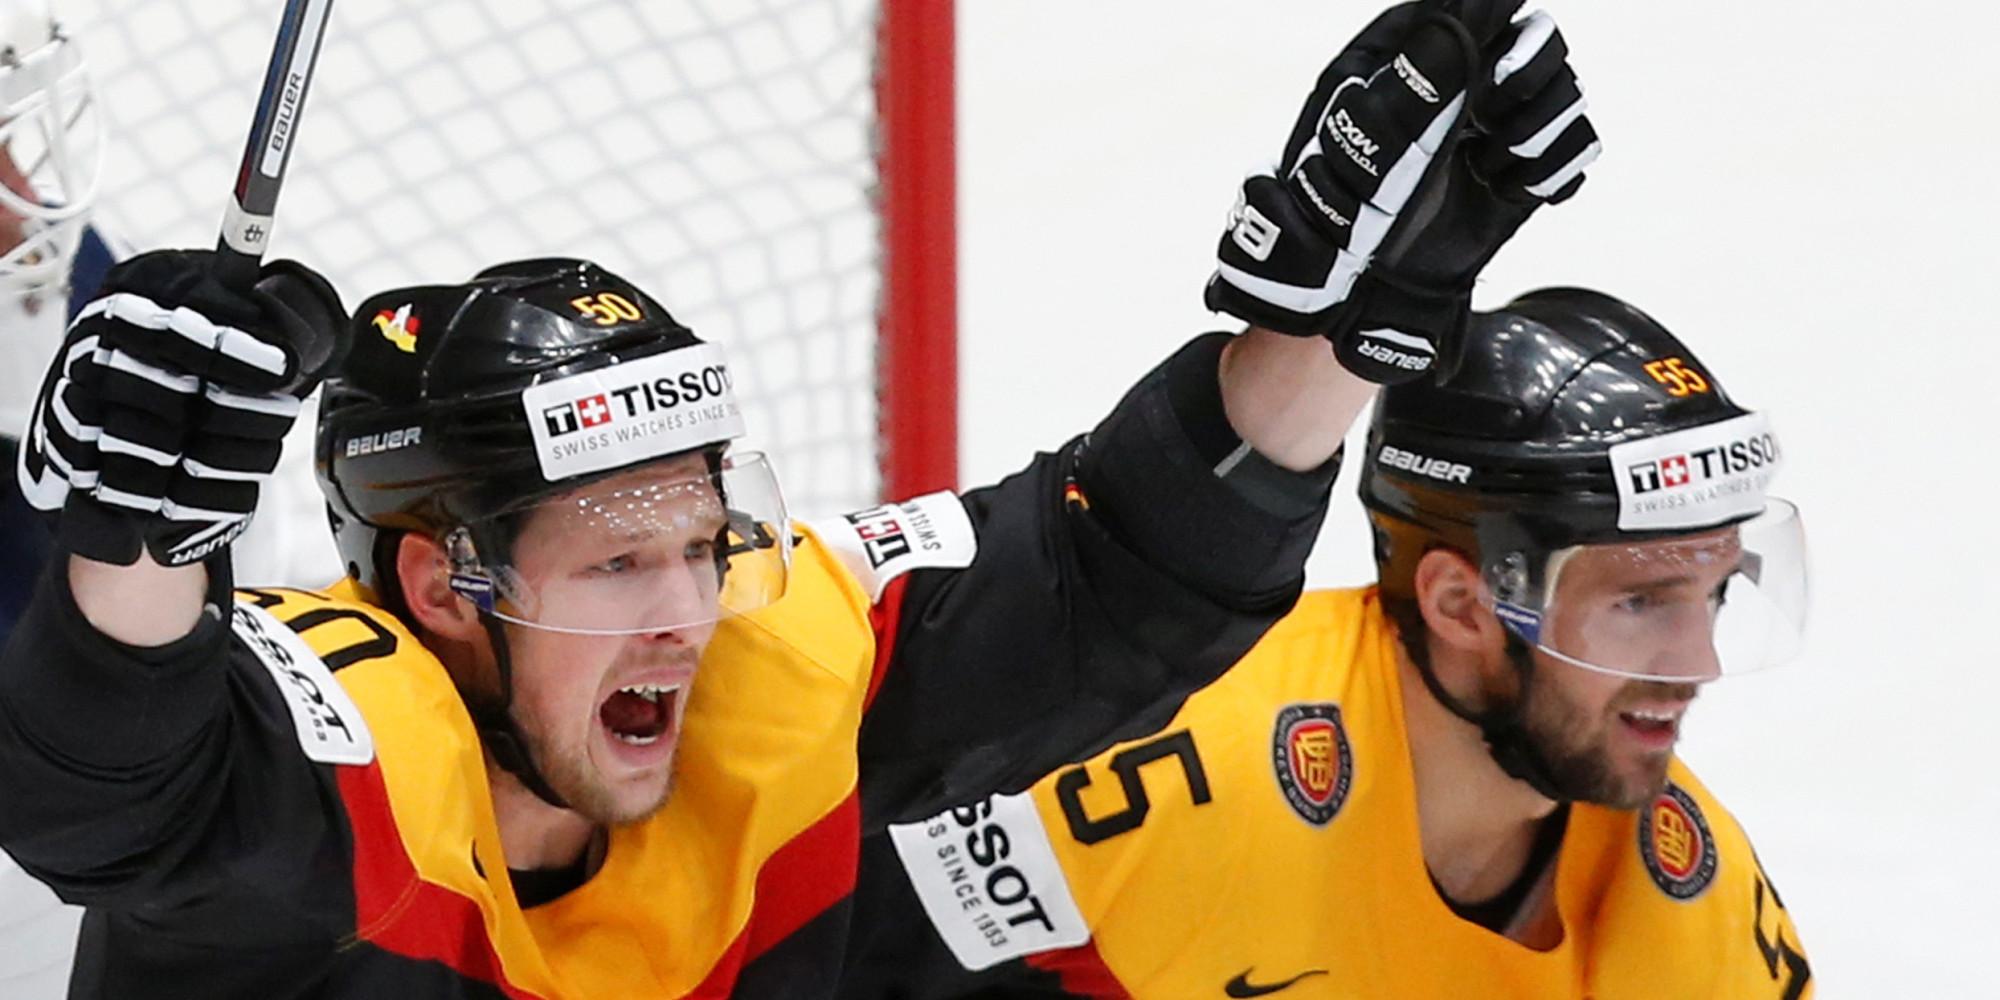 deutschland ungarn eishockey